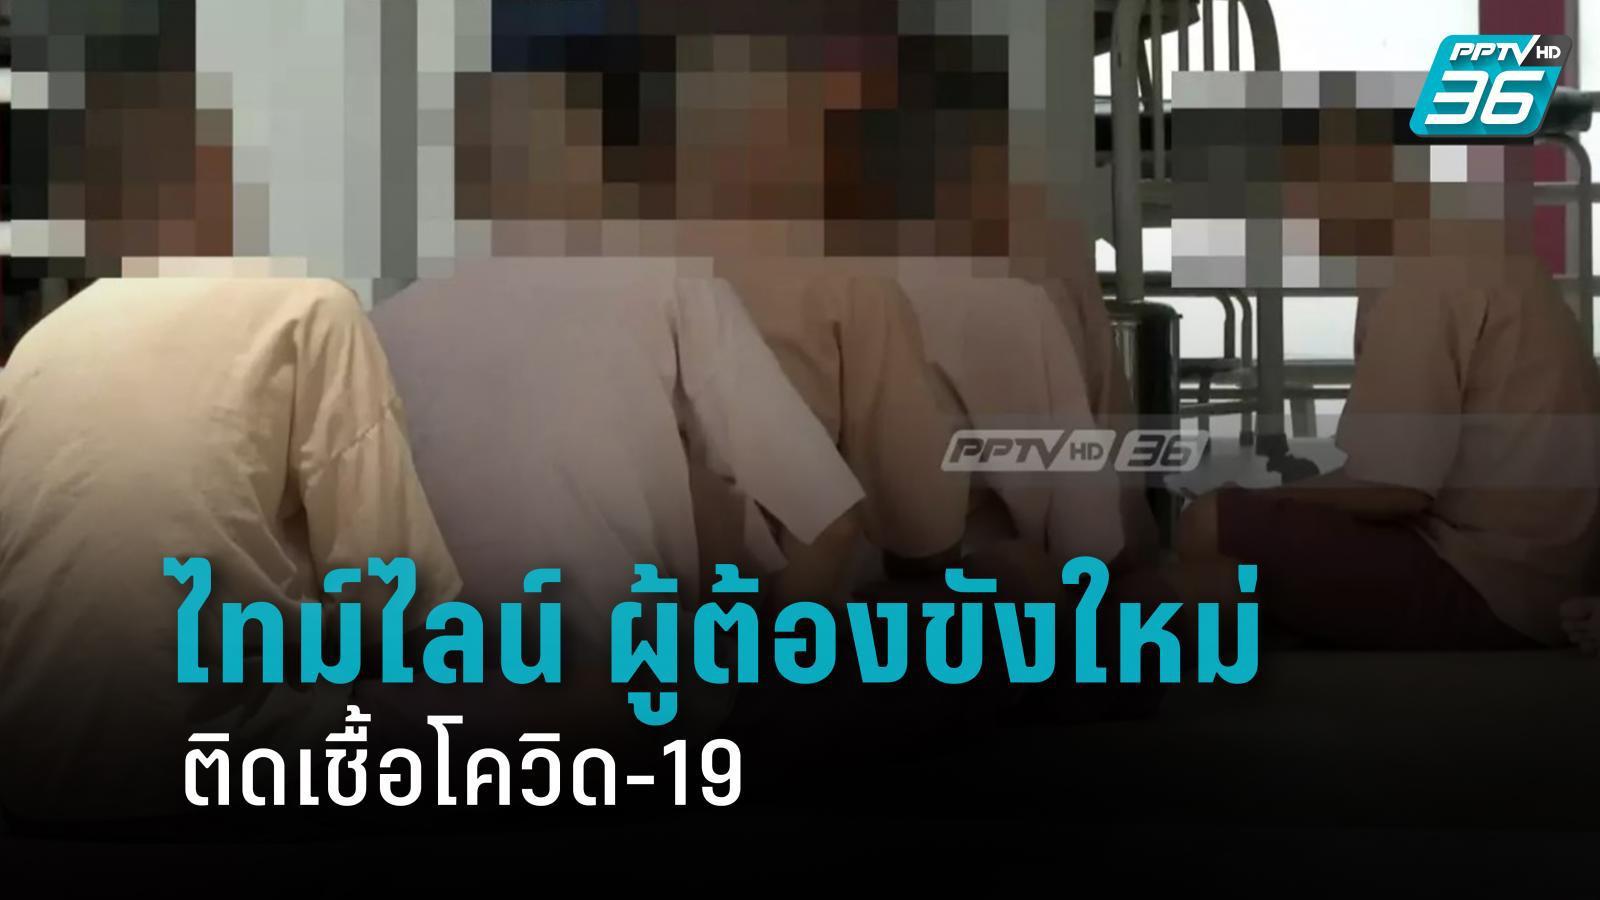 เปิดไทม์ไลน์ ผู้ต้องขังคดียาเสพติด พบติดโควิด-19